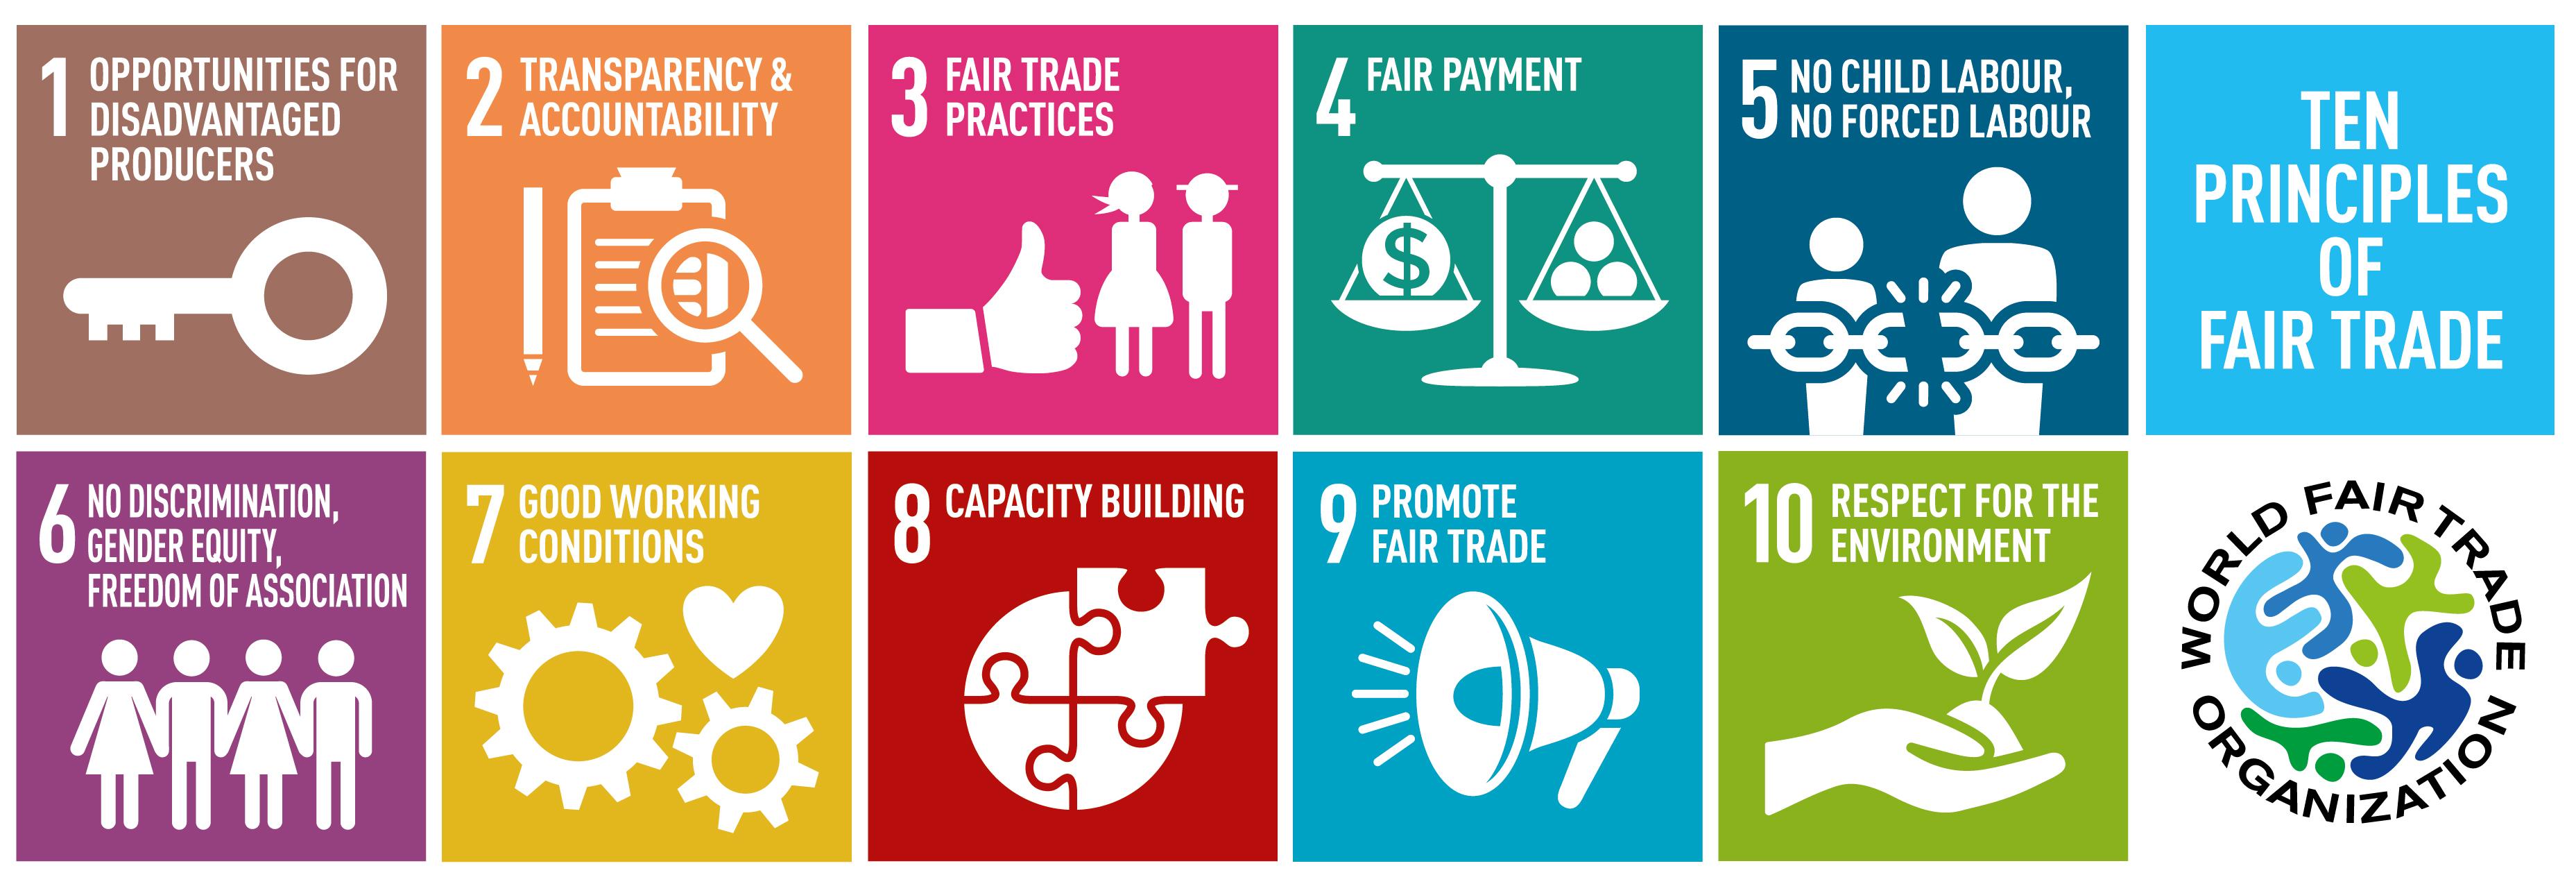 Ethical marketing fair trade principles